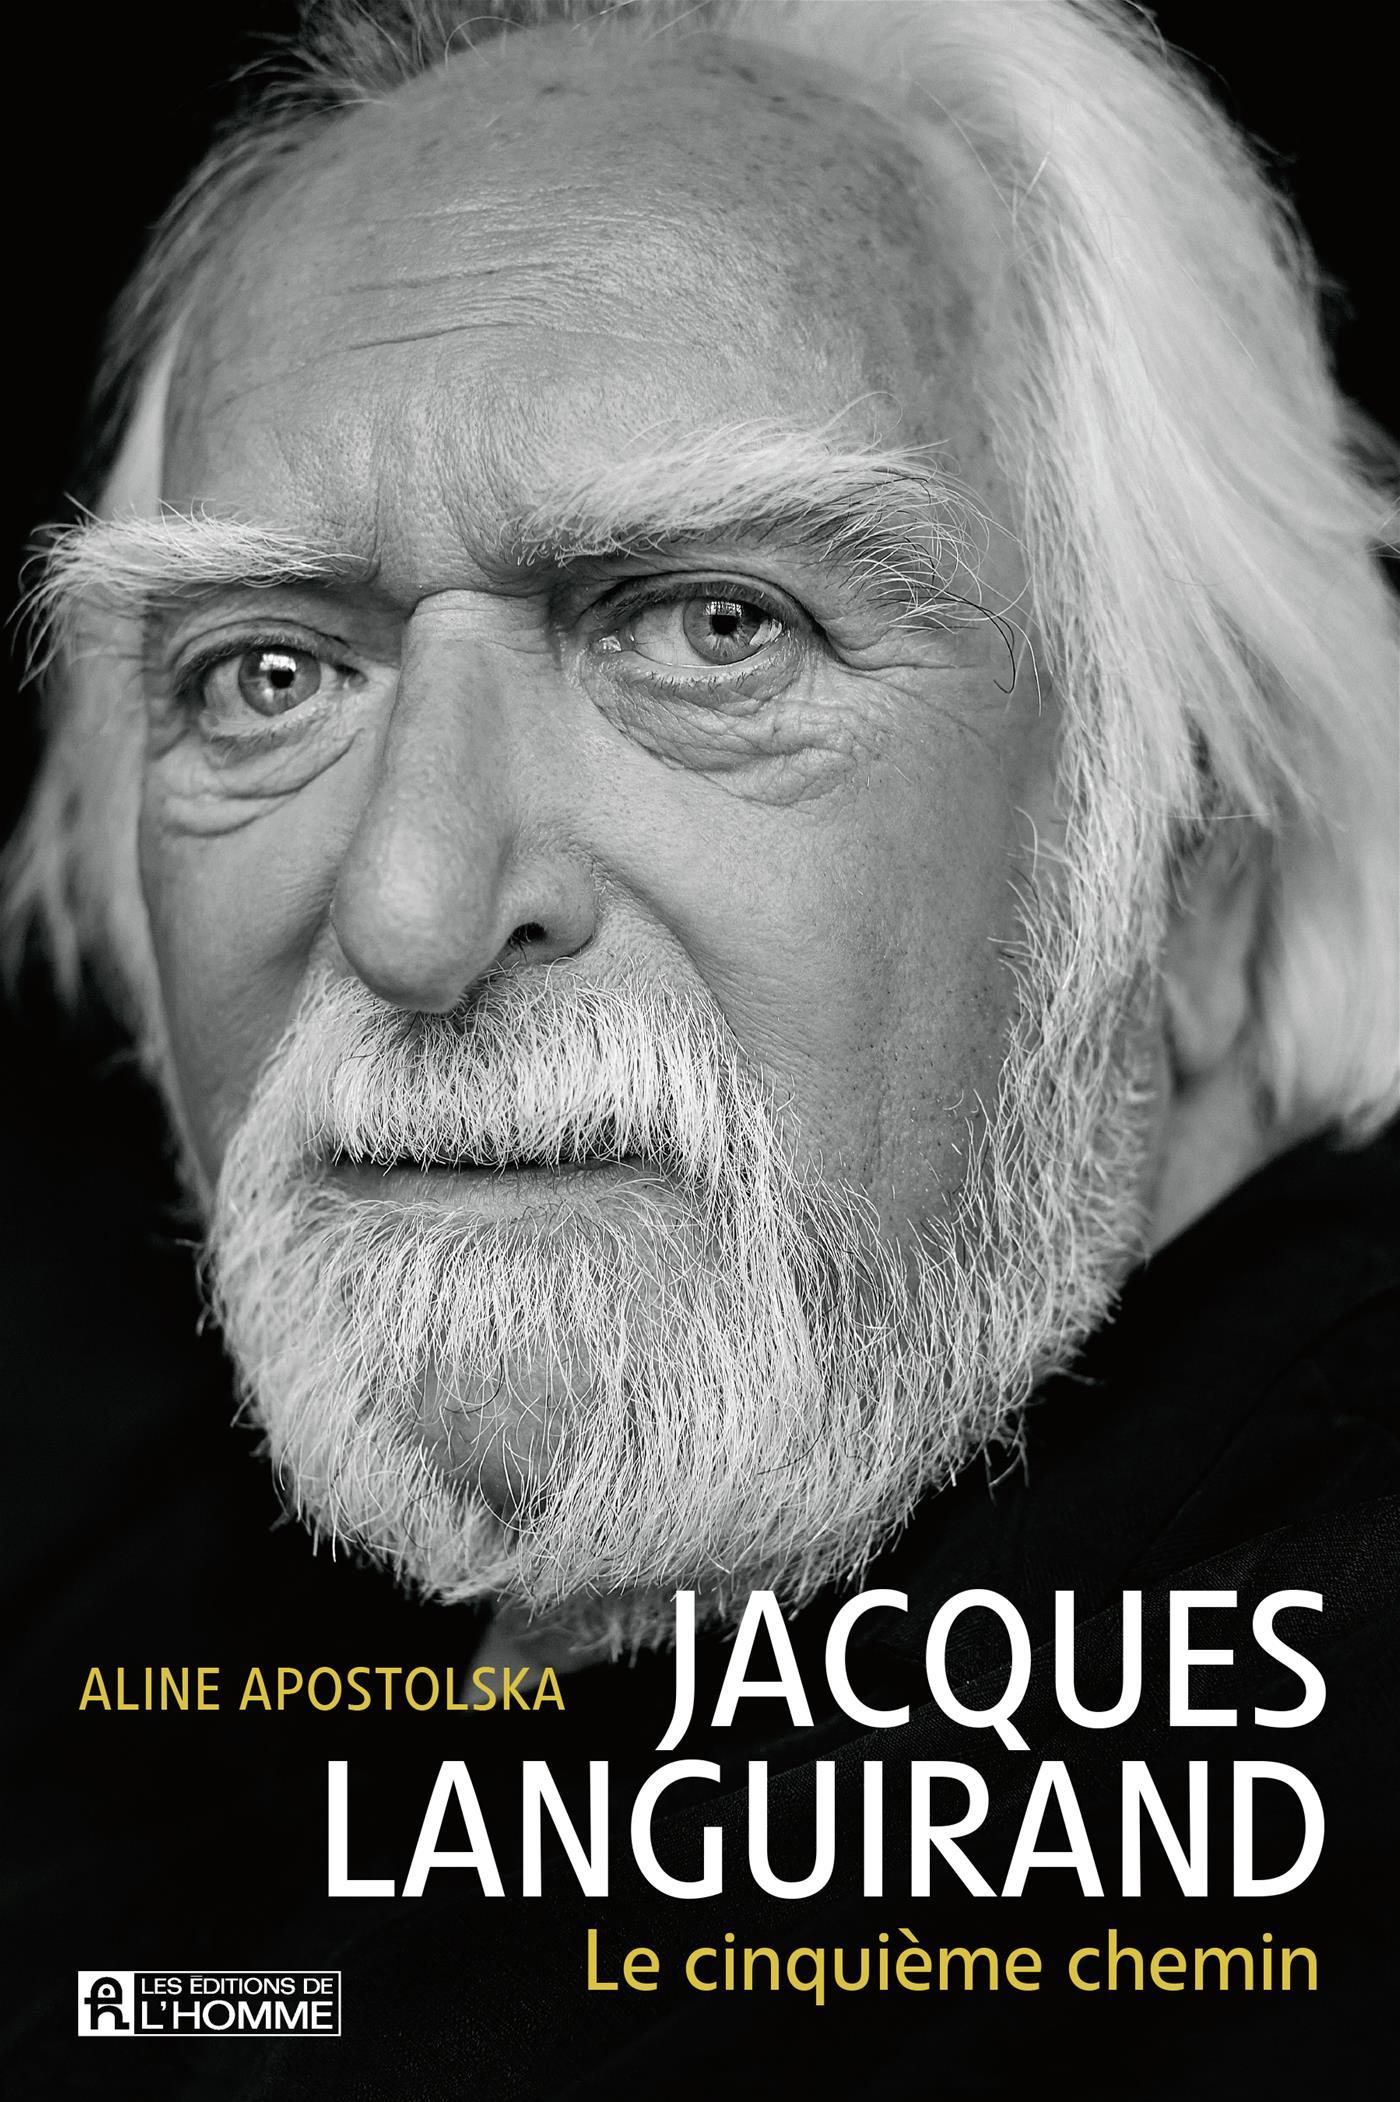 Jacques Languirand - Le cinquième chemin